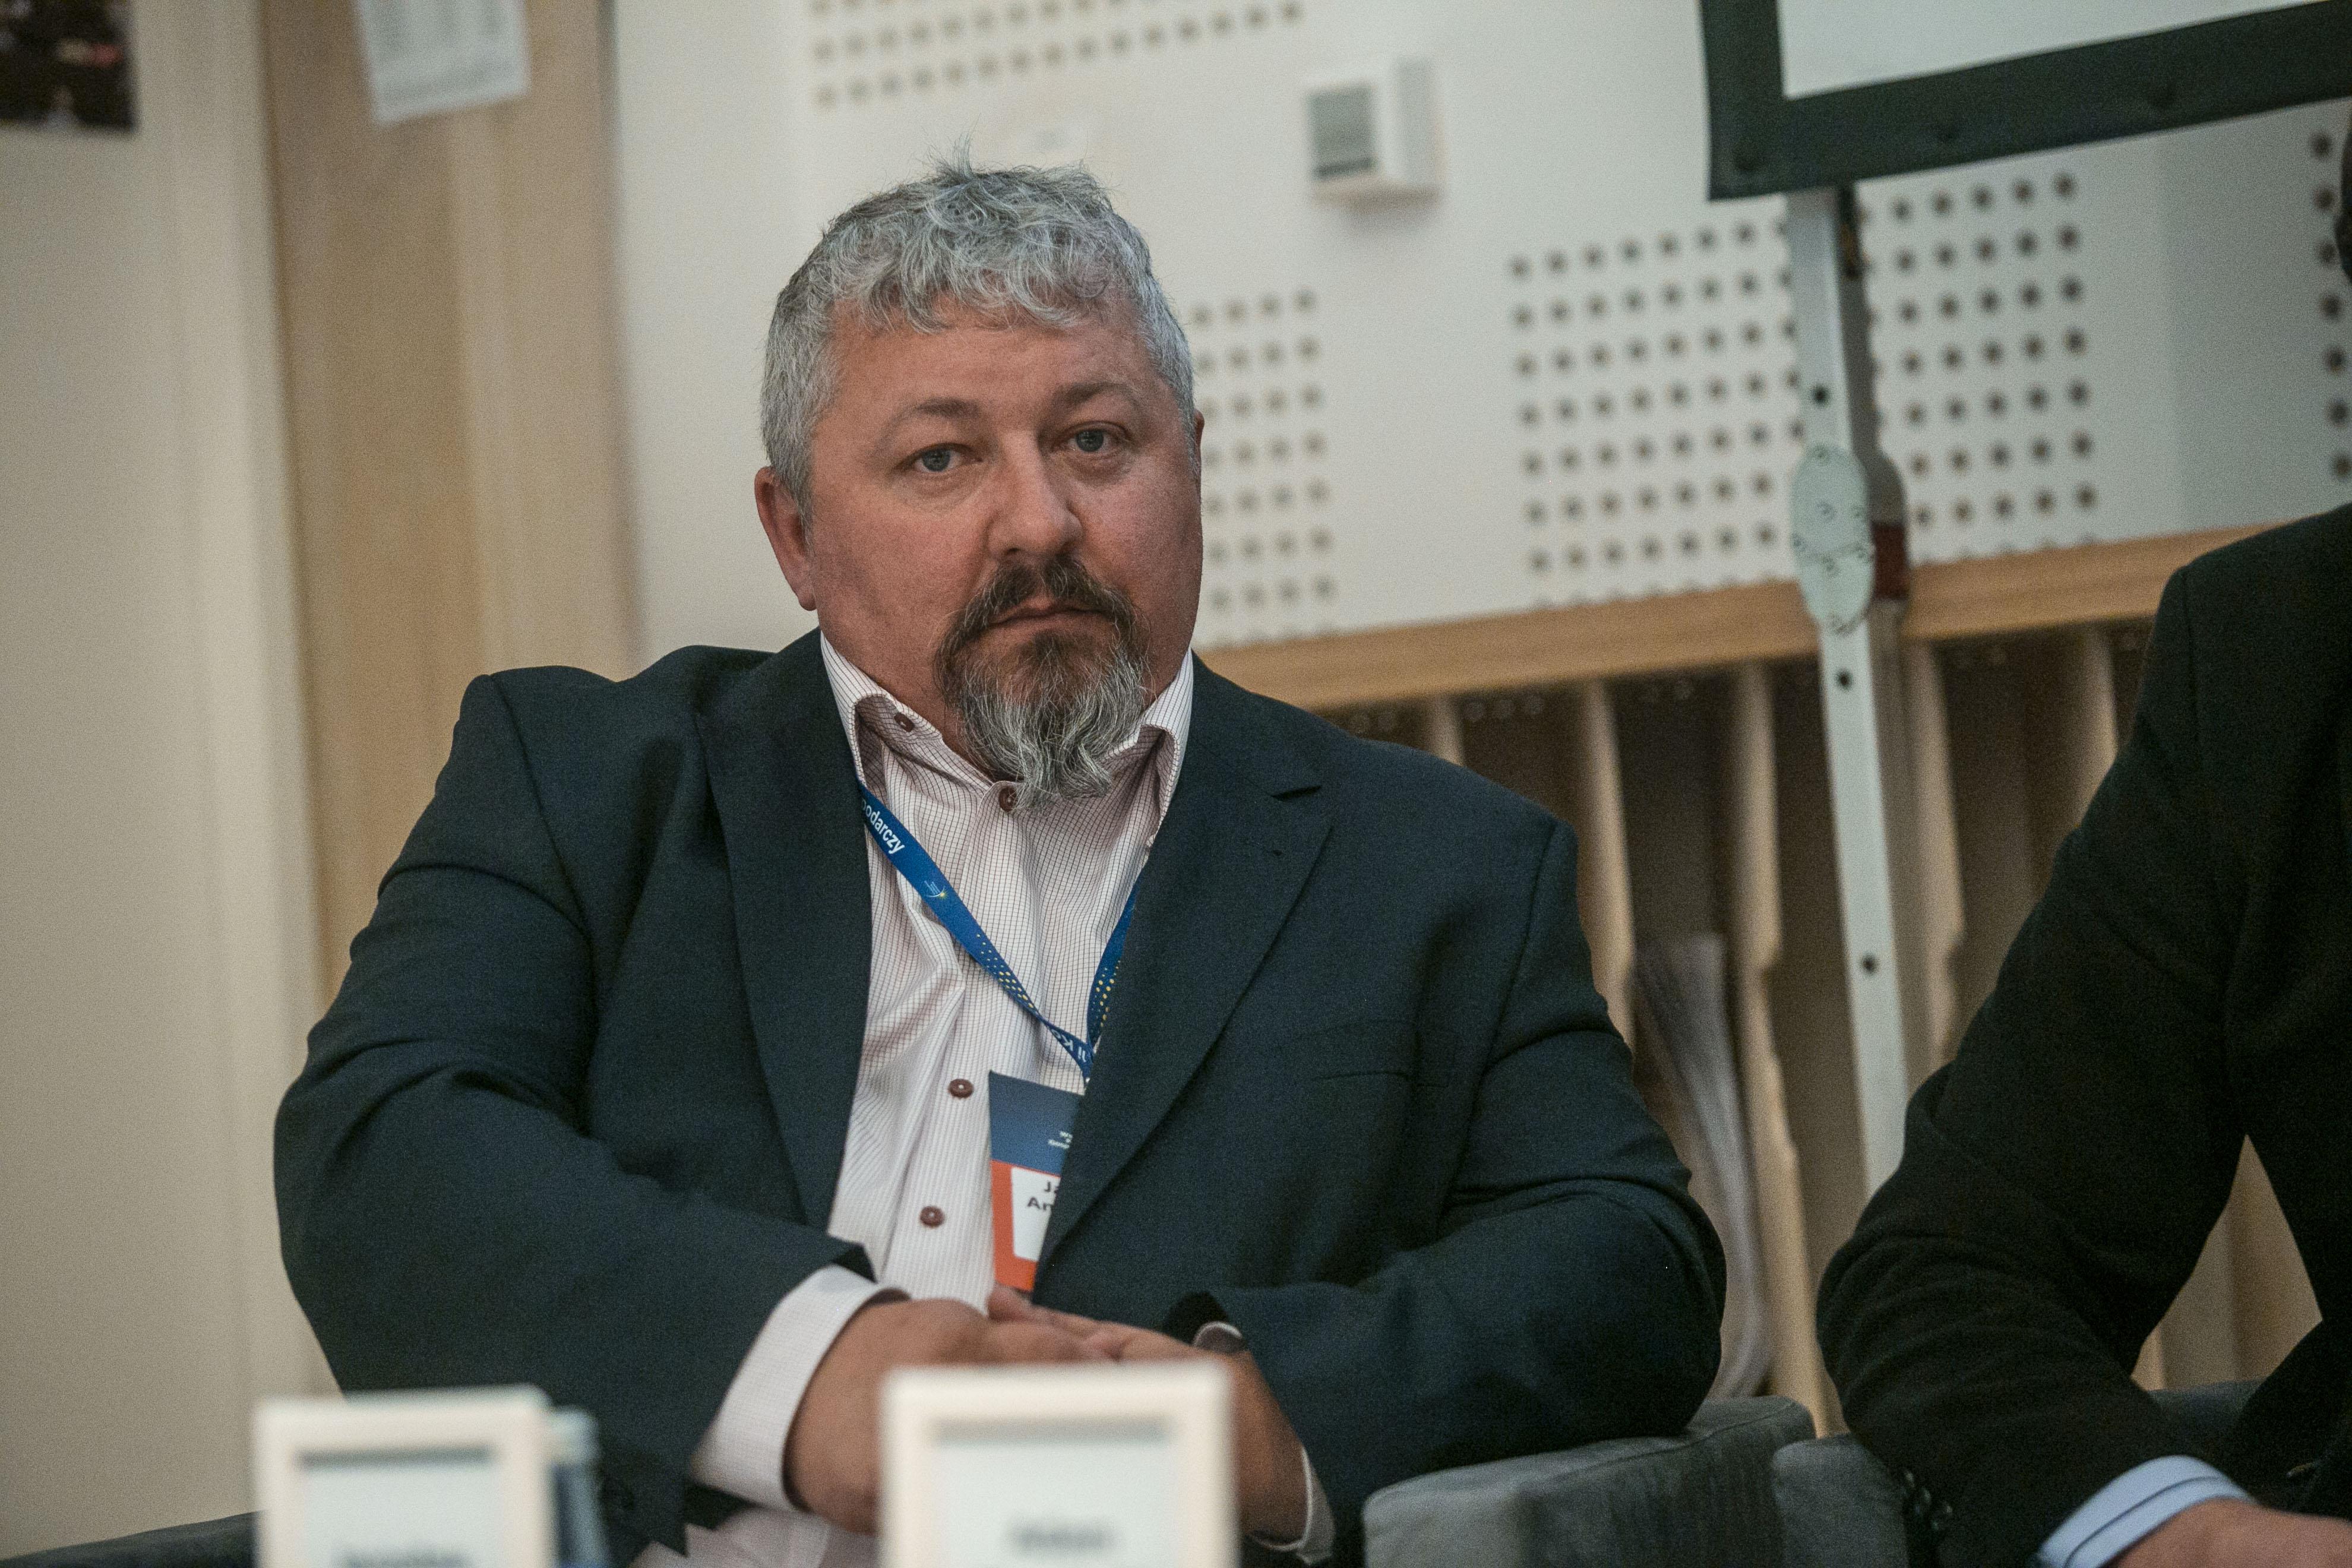 Jaroslaw Antychowicz, prezes Infinity Group: Zbudowanie ekosystemu, gdzie jest wielu programistów jest ważne, ale nie najważniejsze. Trzeba zbudować ekosystem, który będzie wspierał przedsiębiorczość. (fot. PTWP, Marek Misiurewicz)